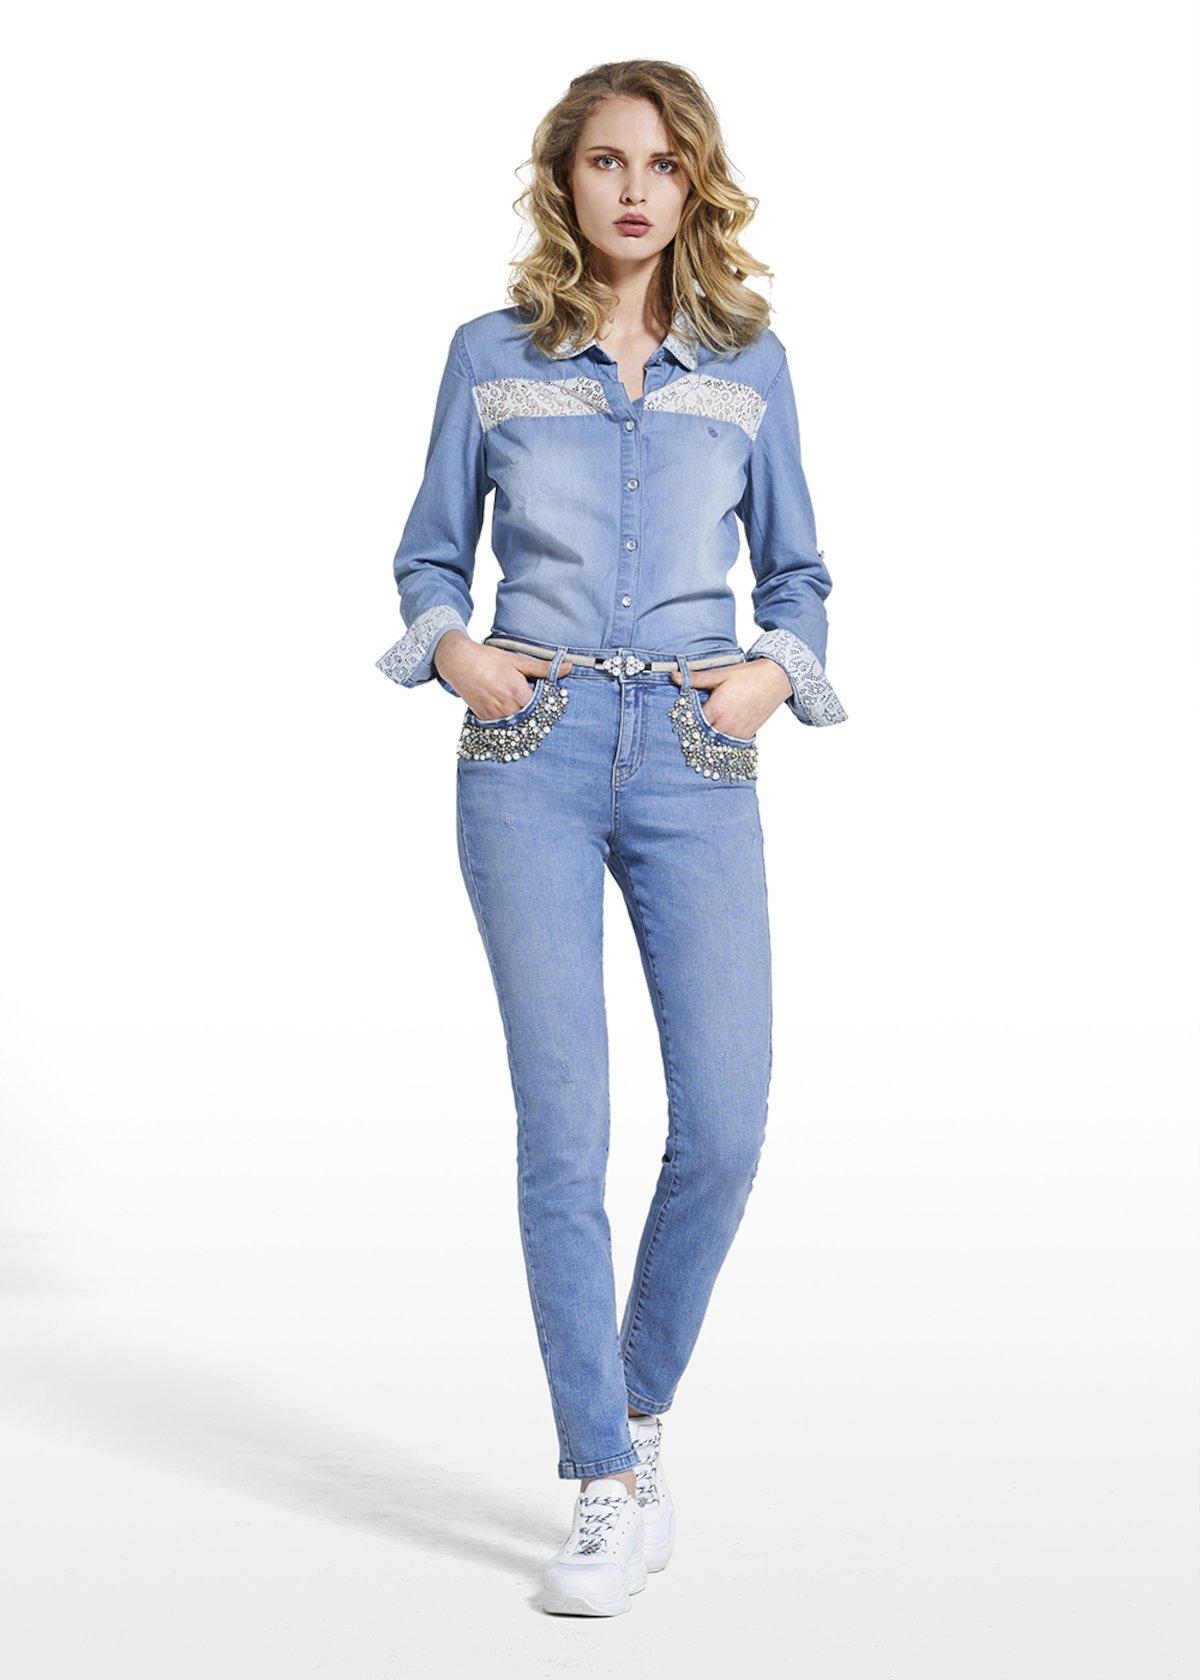 Camicia Caril in denim con dettaglio in pizzo - Light Denim - Donna - Immagine categoria